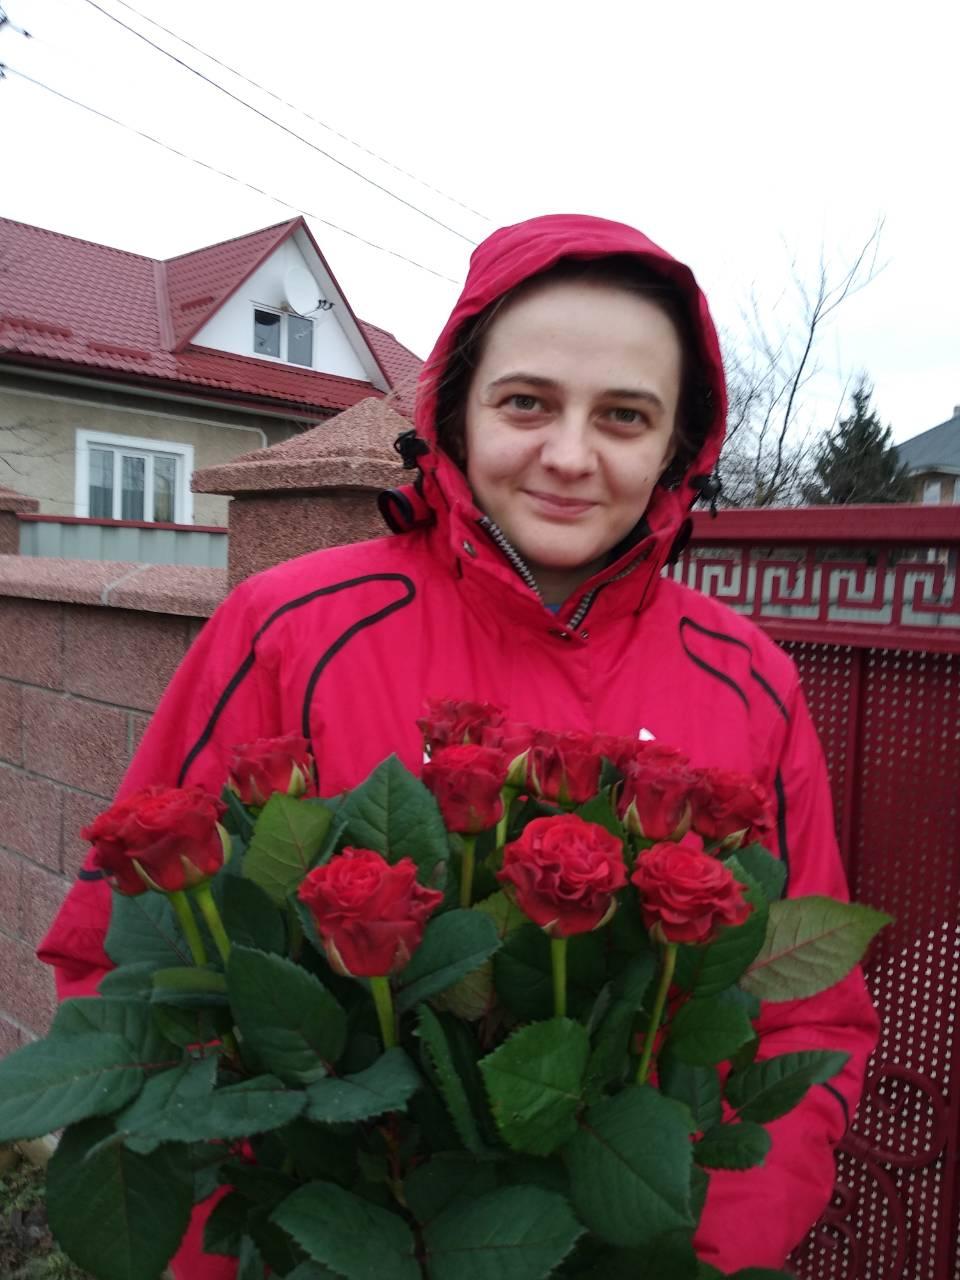 Доставка цветов в хмельницкий